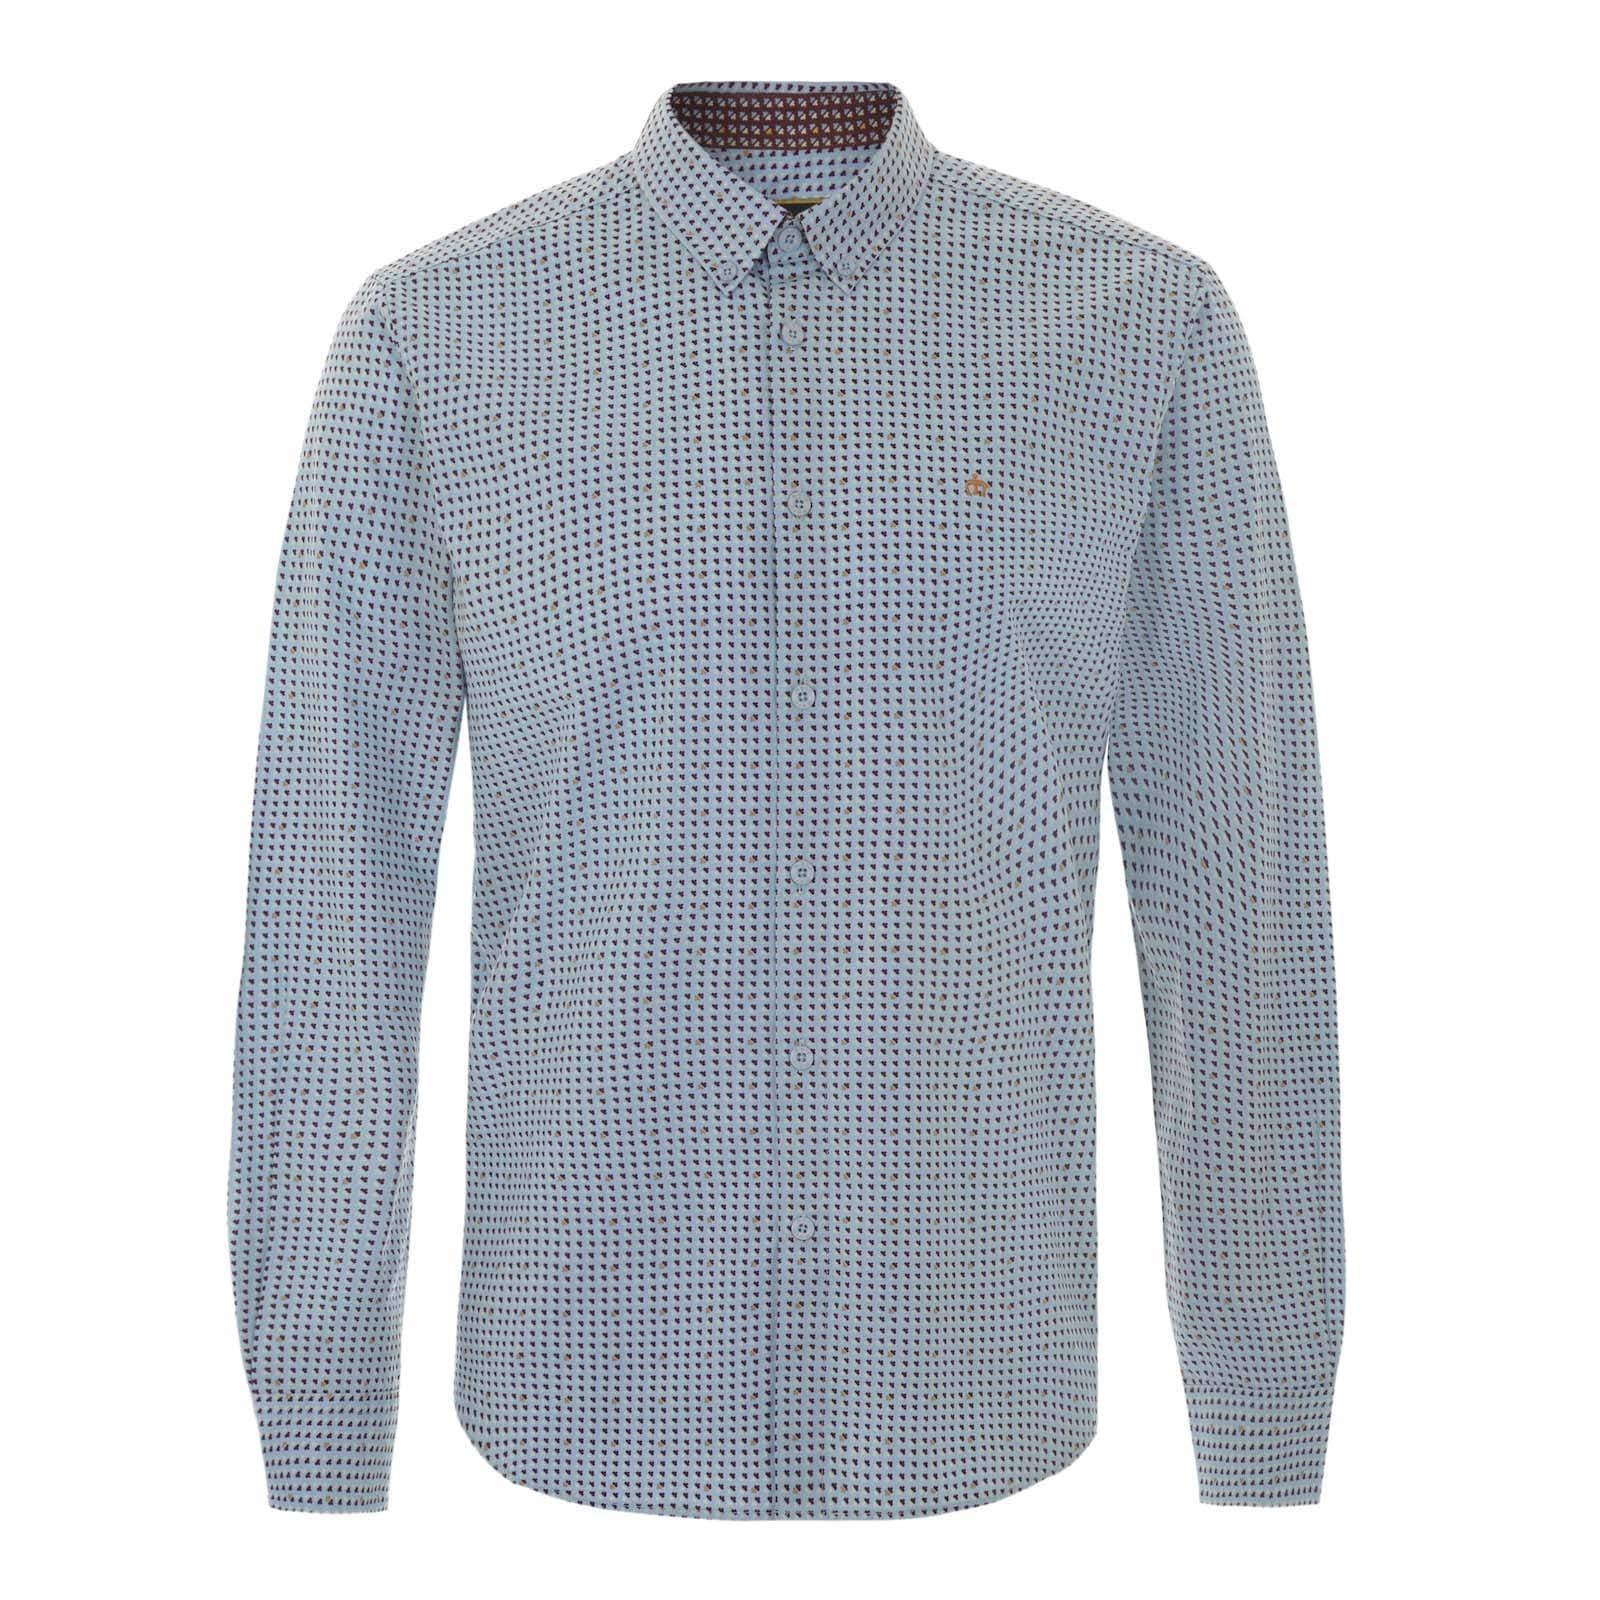 Рубашка VeniceРубашки<br>Приталенного покроя мужская button down рубашка с воротником на пуговицах. Пошита из комфортной хлопковой ткани поплин приятного голубого оттенка с красивым геометрическим принтом в ретро стиле. Брендирована логотипом Корона, вышитым на груди слева. Легкое сочетание цветов гармонично впишет эту рубашку в летний гардероб, позволяя создавать красивые сочетания с чиносами, шортами, замшевыми лоферами и легкой паркой. В то же время может стать частью формального лука в комбинации с классической бувью Челси, брюками Sta-Prest, базовым кардиганом или прилегающим smart casual пиджаком.<br><br>Артикул: 1515103<br>Материал: 100% хлопок<br>Цвет: Гридеперлевый<br>Пол: Мужской